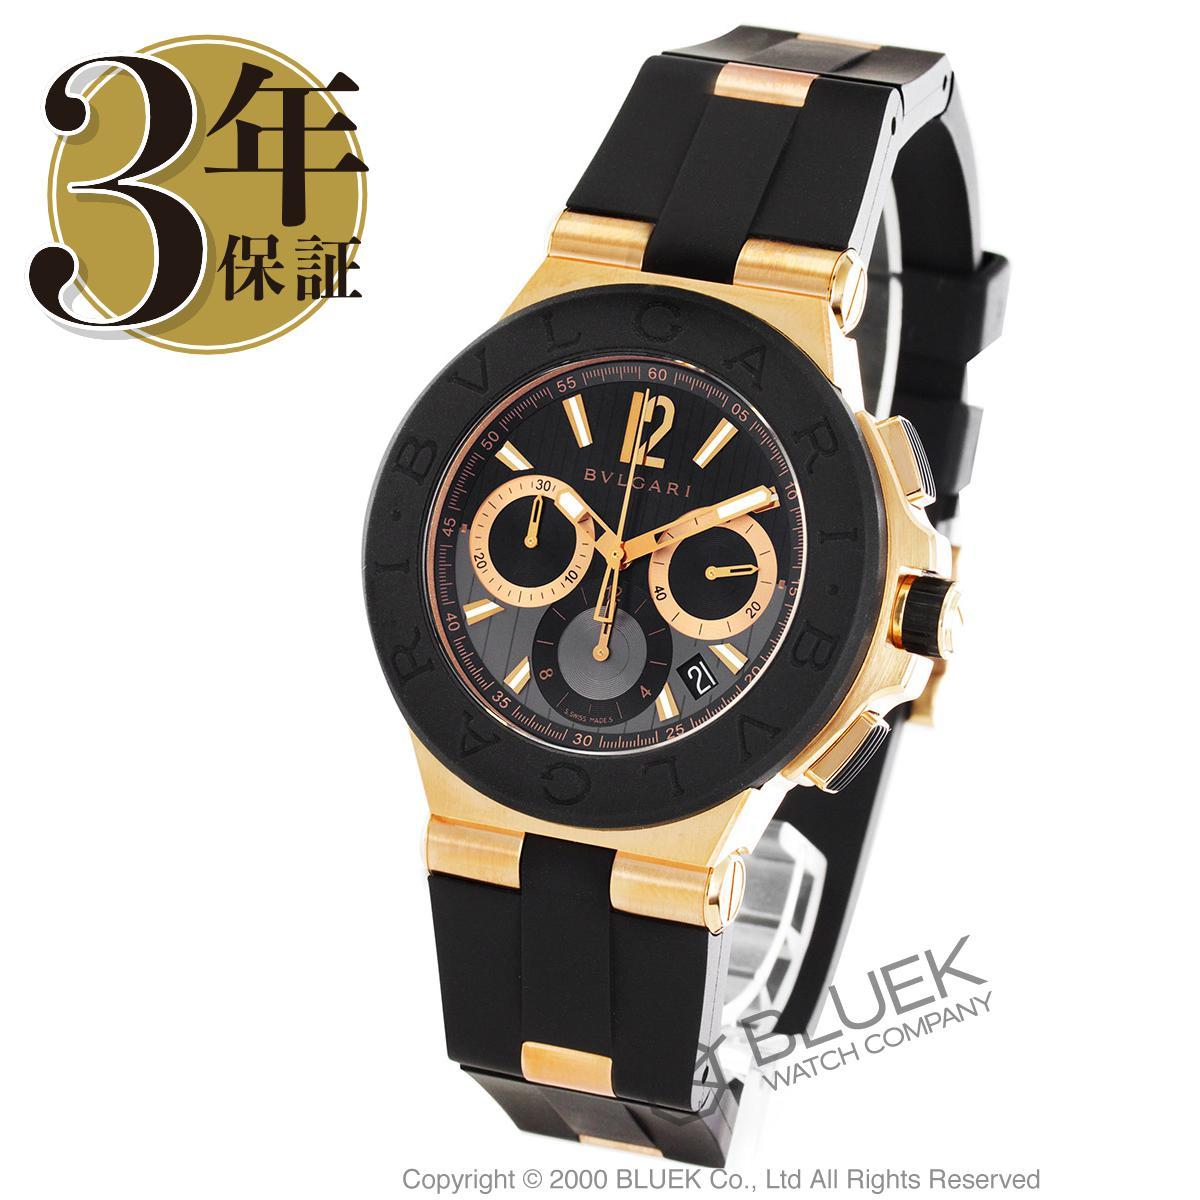 ブルガリ ディアゴノ クロノグラフ 腕時計 メンズ BVLGARI DGP42BGVDCH_8